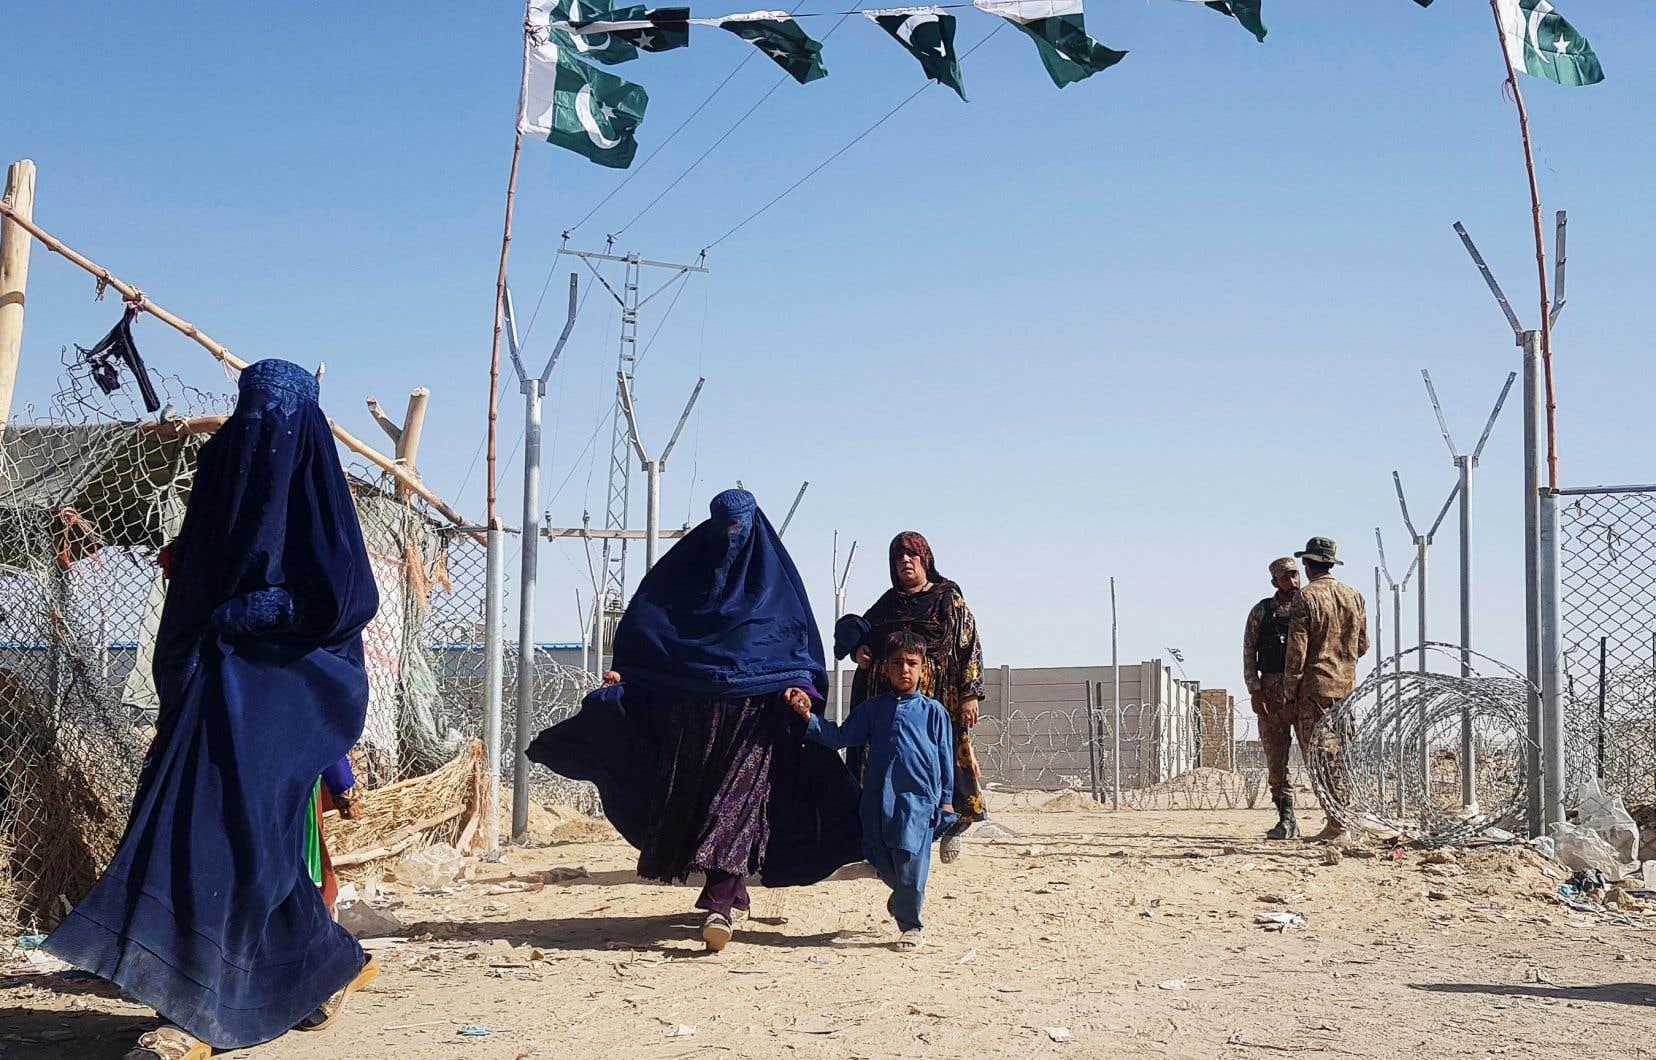 À Kaboul, le chaos et l'inquiétude règnent alors que plusieurs, en panique, ont fui vers l'aéroport, et que les talibans ont installé des points de contrôle dans la ville.